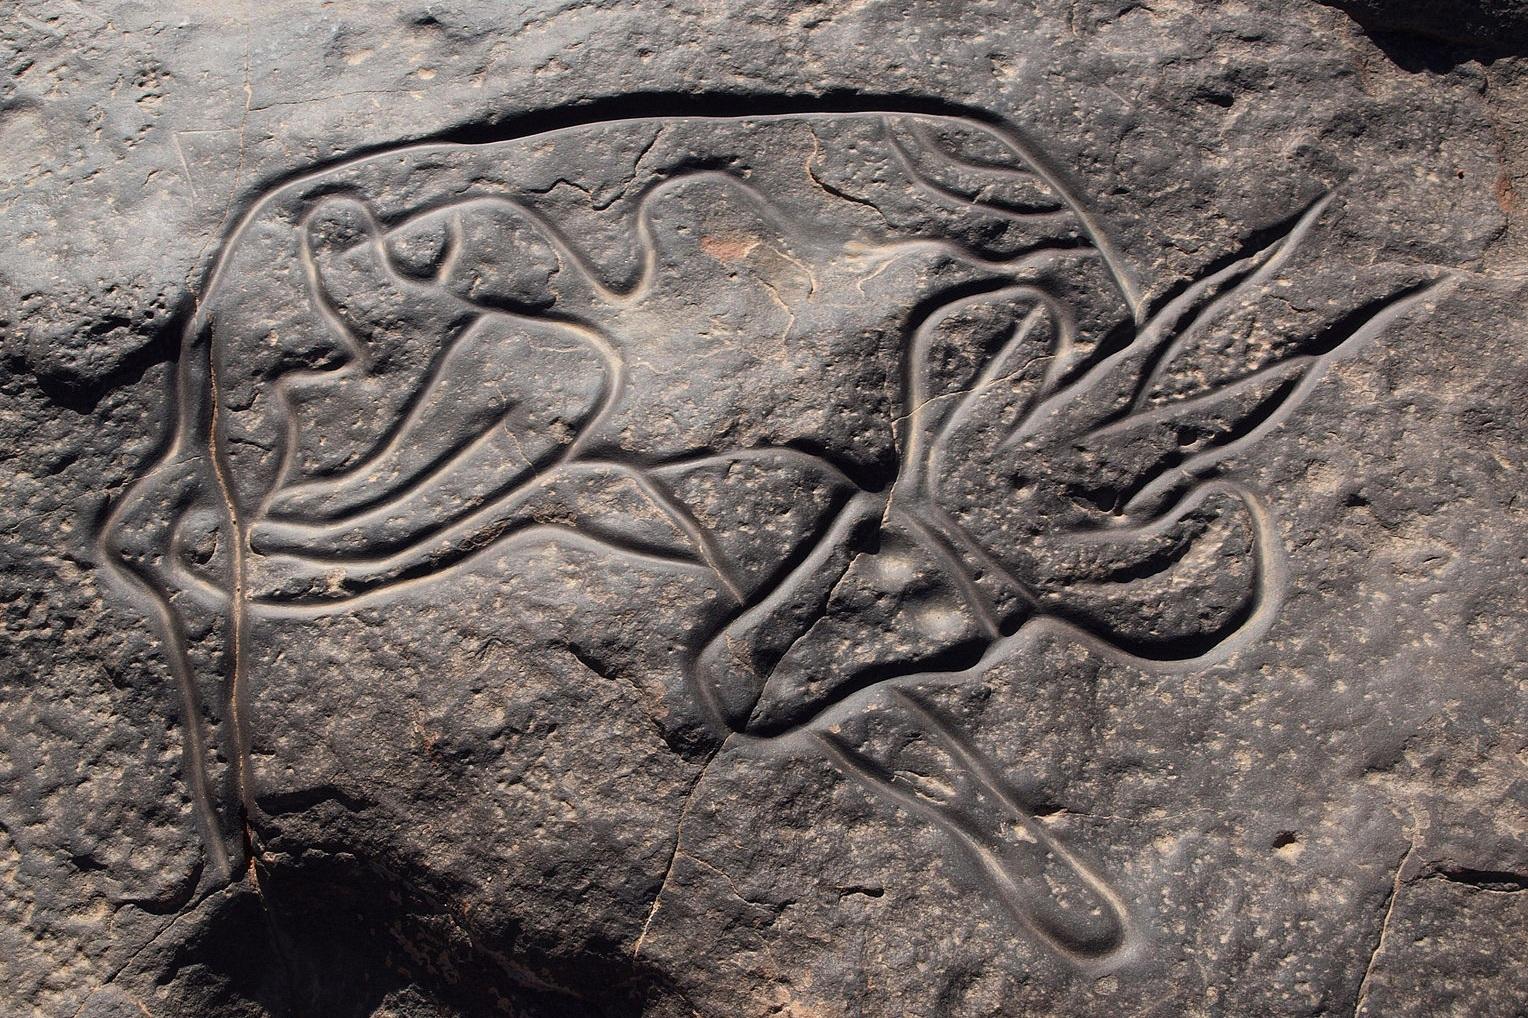 Rock art in Tassili n'Ajjer